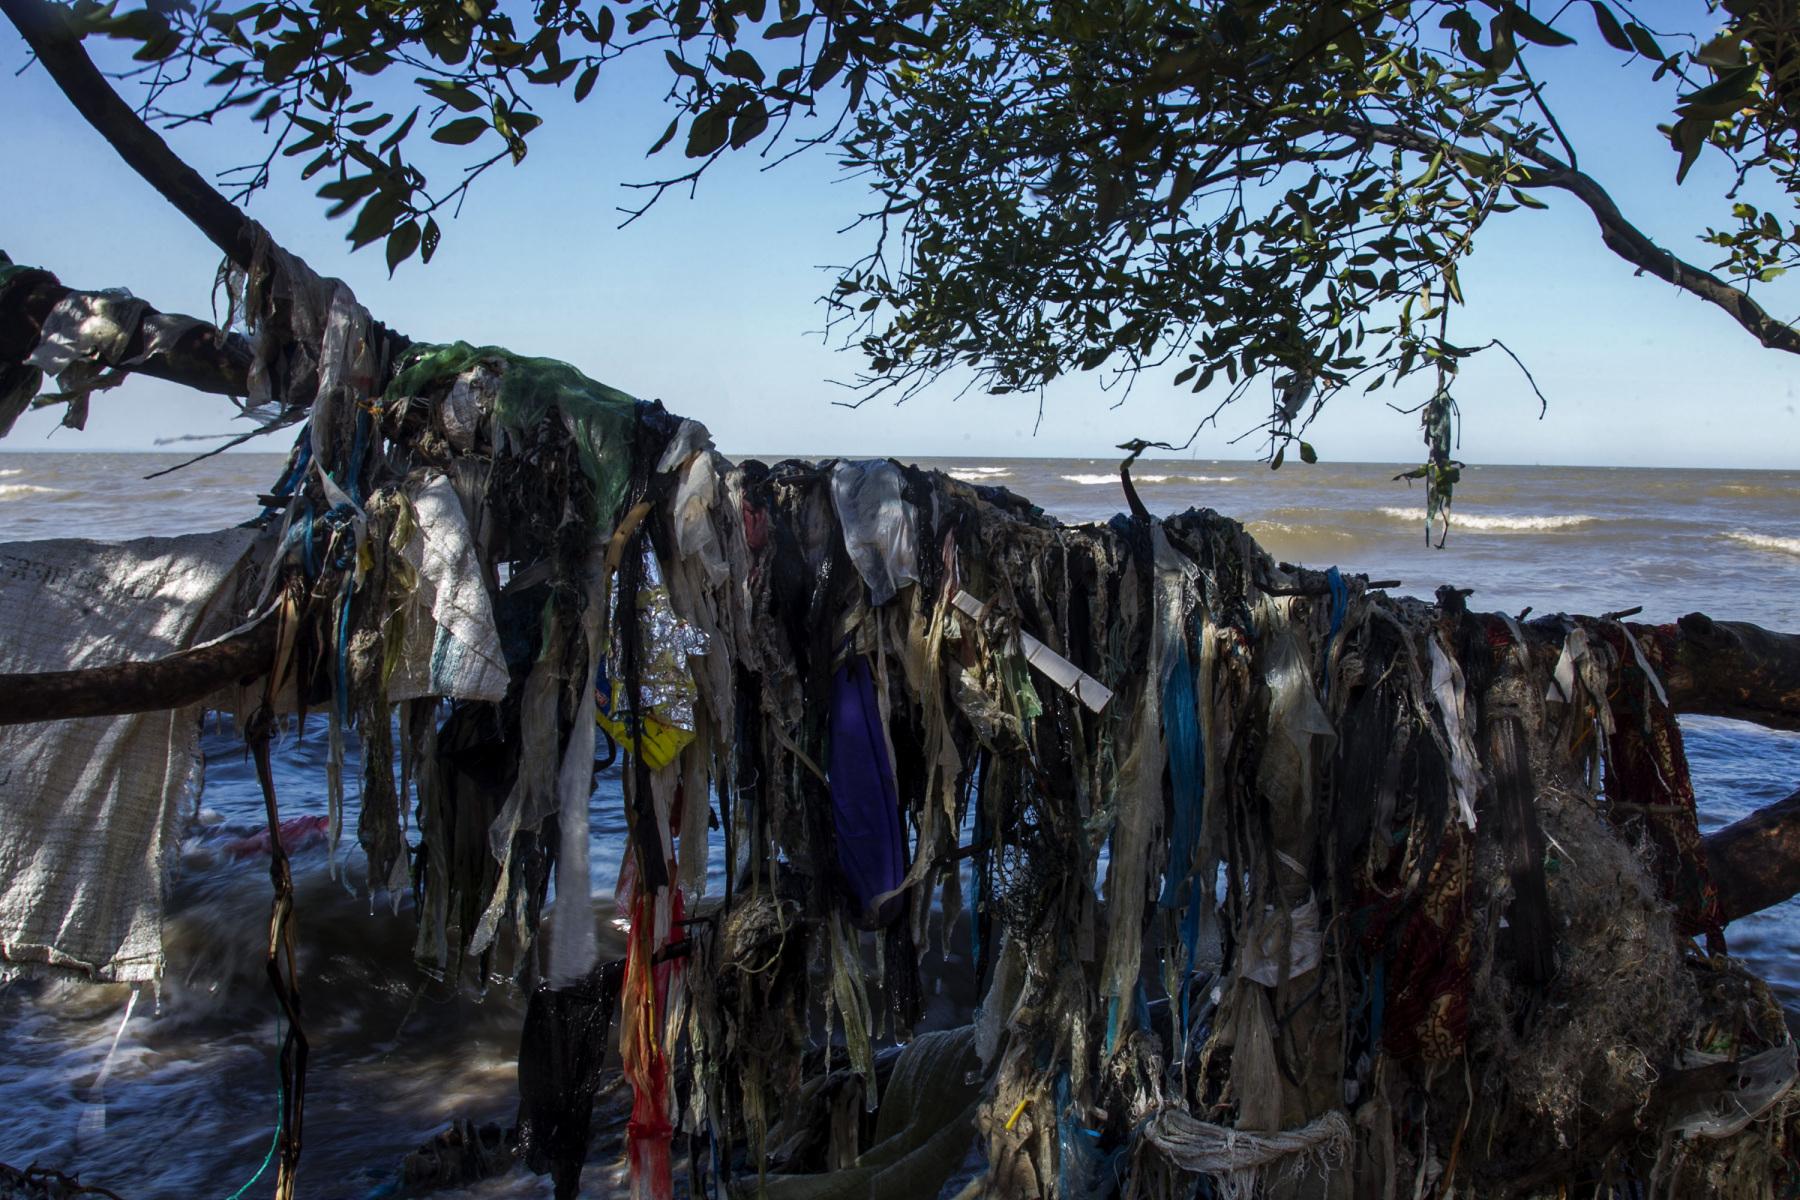 Pasang surut air laut memberikan dampak signifikan terhadap timbunan sampah plastik di estuari atau muara sungai. Karena estuari adalah tempat bertemunya aliran sungai dengan wilayah perairan laut.